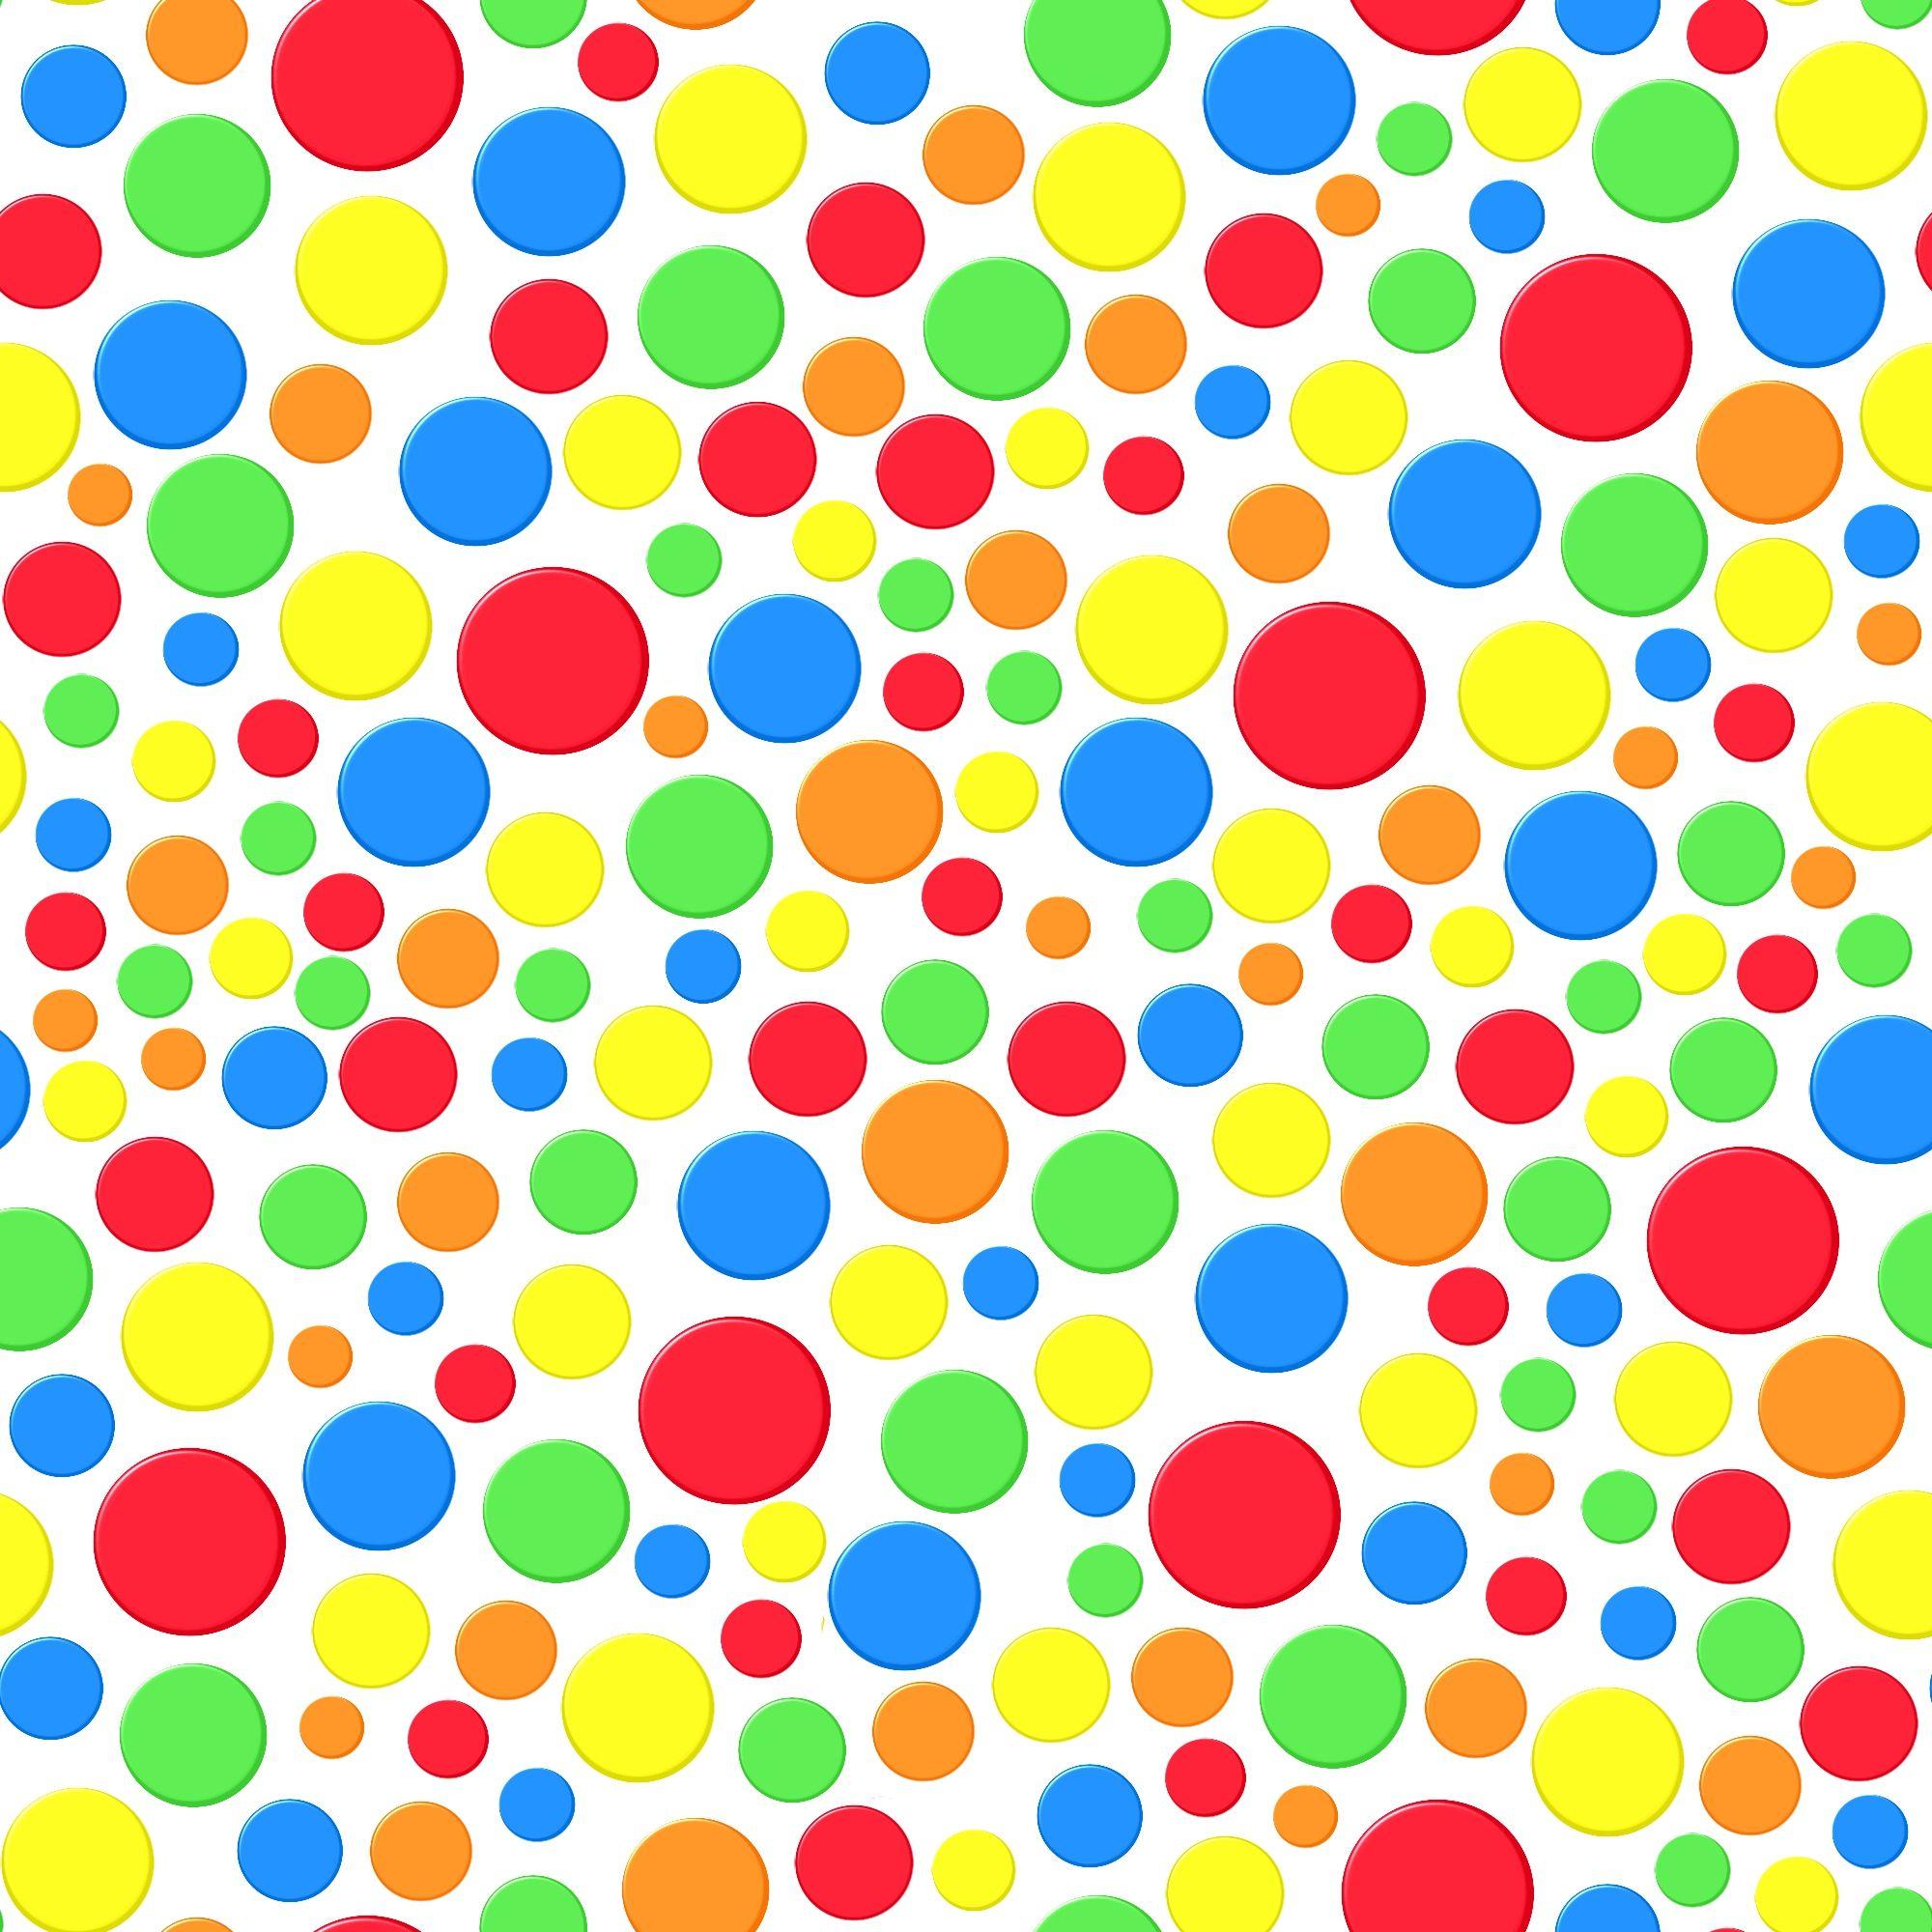 Stoffdesign:Bunte Punkte auf weißem Hintergrund